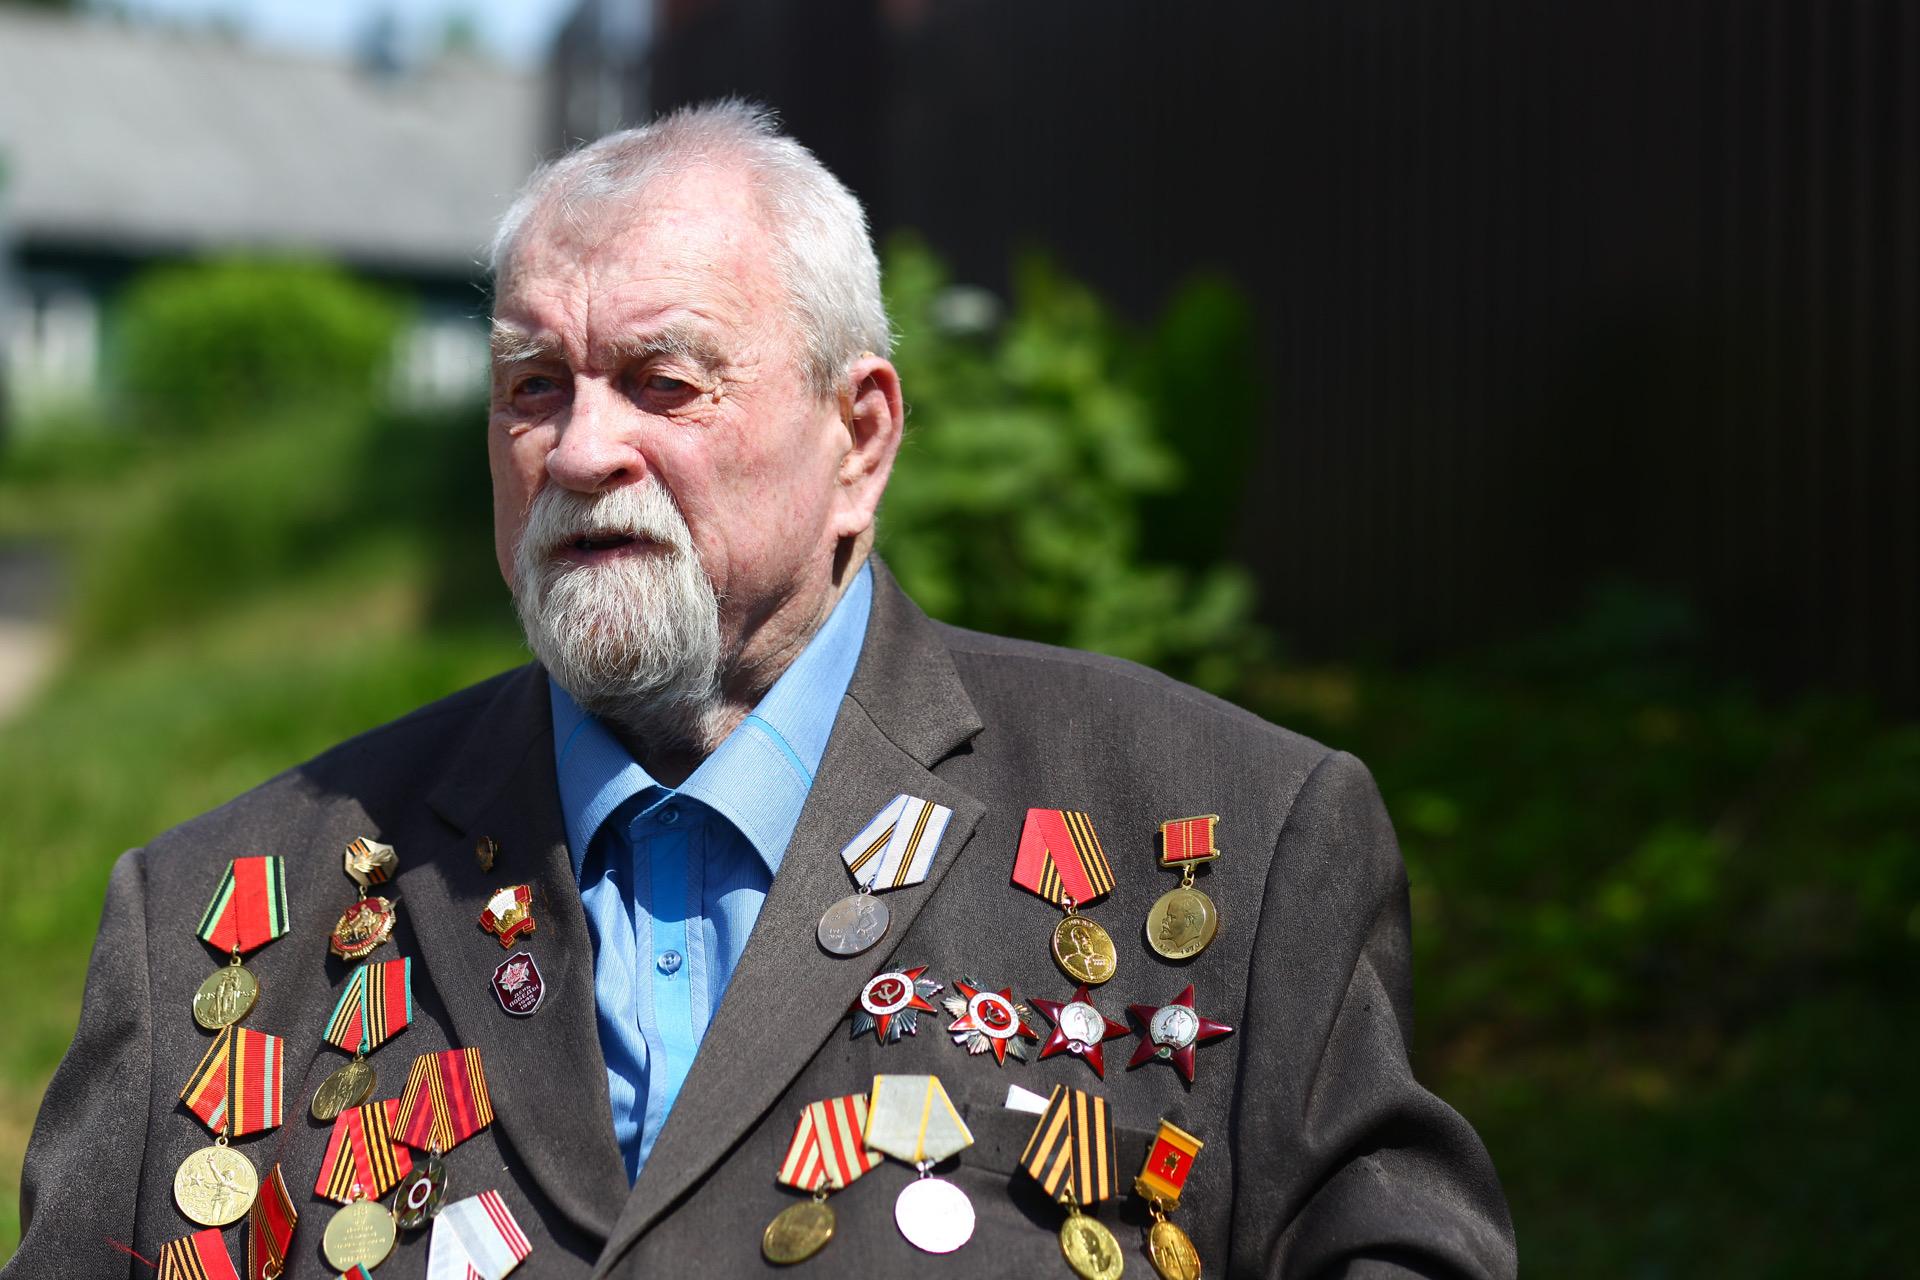 Участника Великой Отечественной войныБориса Петровича Колесова поздравили с 100-летием